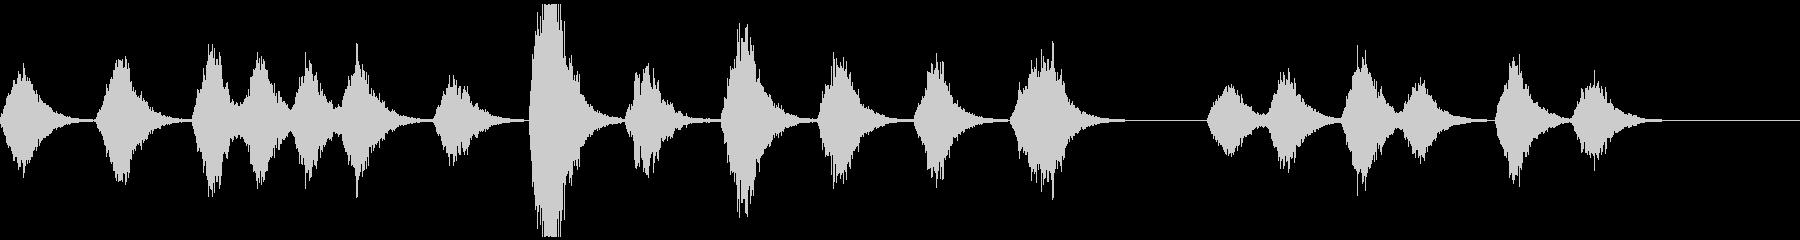 宇宙深海っぽいアンビエント ソナー音なしの未再生の波形